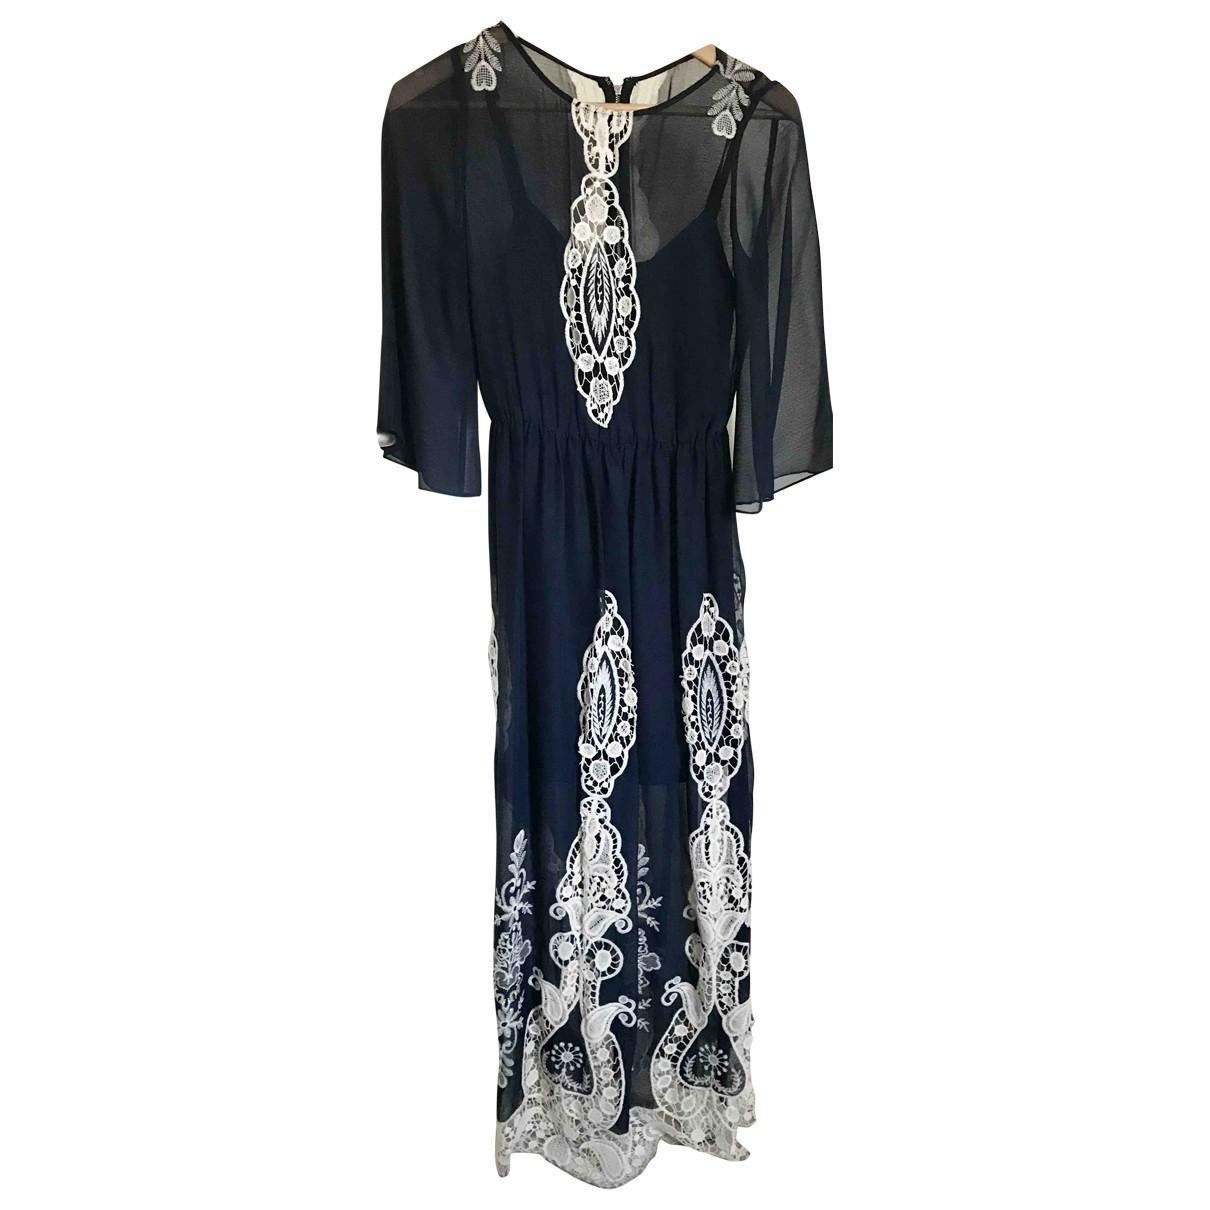 Alice & Olivia \N Kleid in  Blau Polyester